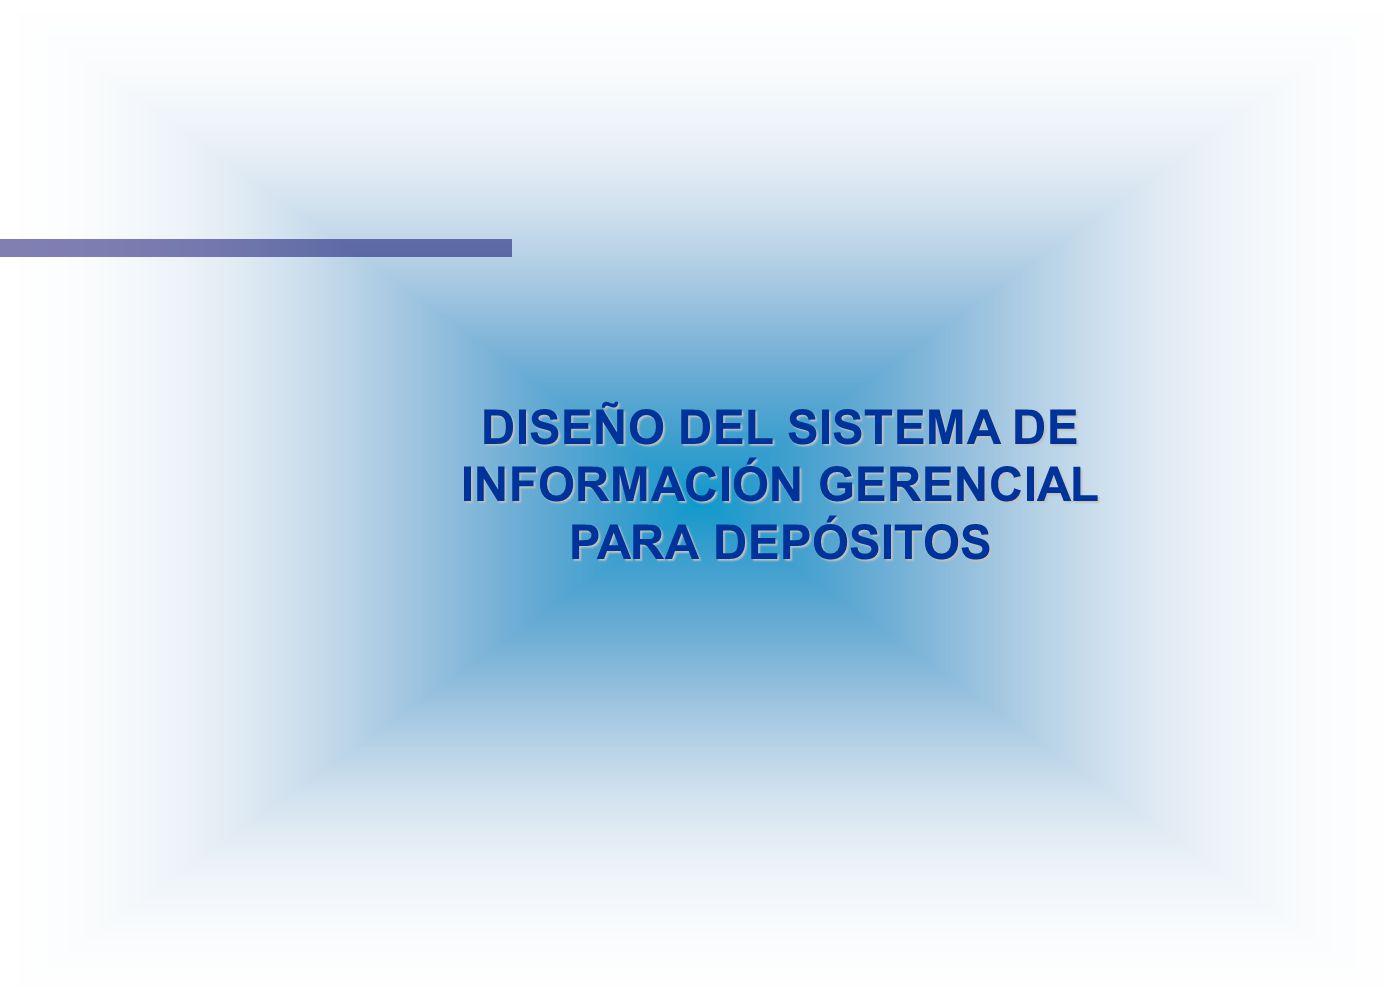 DISEÑO DEL SISTEMA DE INFORMACIÓN GERENCIAL PARA DEPÓSITOS